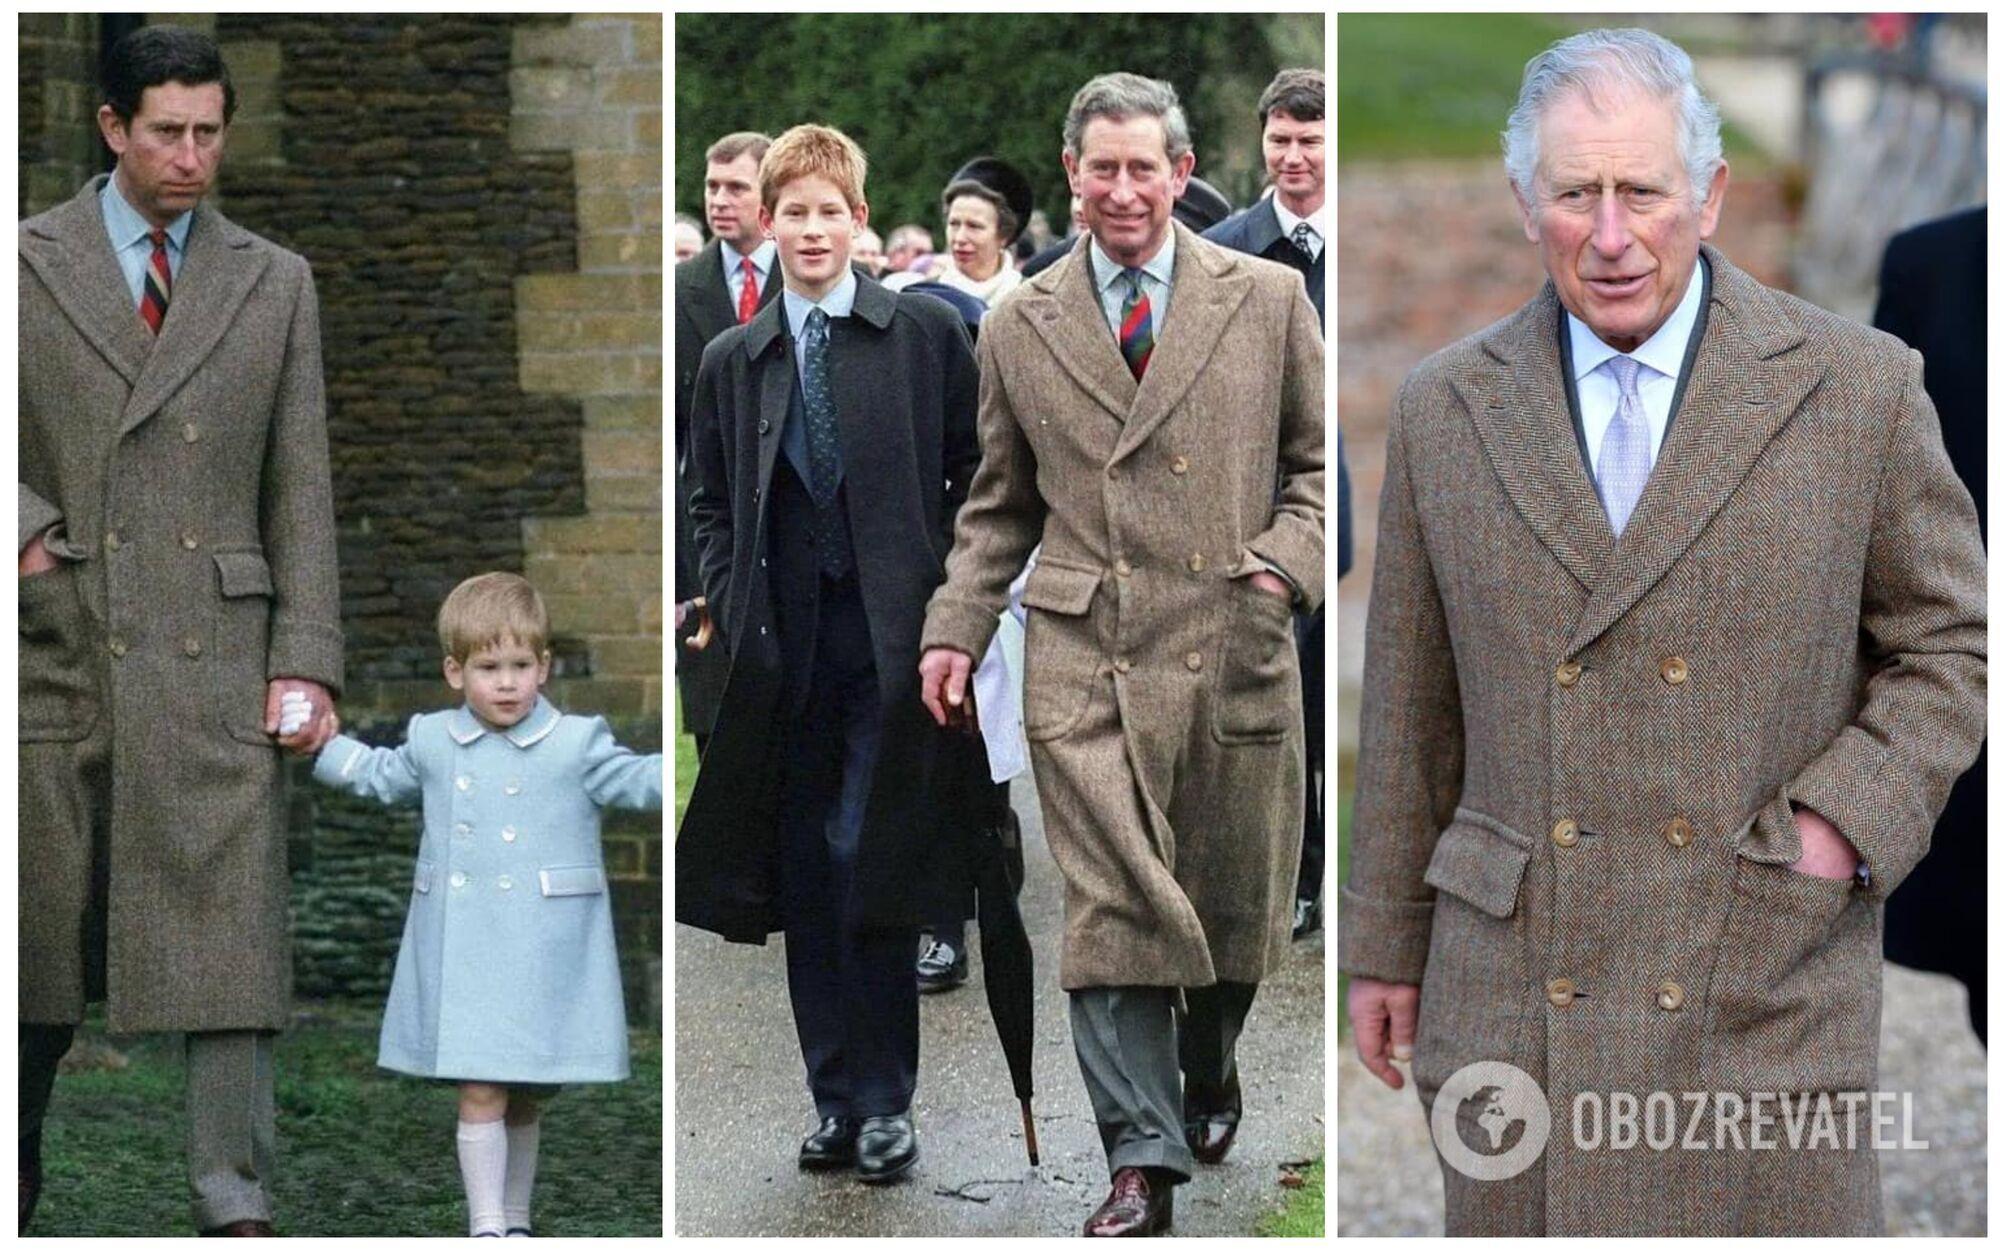 Син королеви Єлизавети принц Чарльз носить одне і те саме твідове пальто англійської марки Anderson & Sheppard